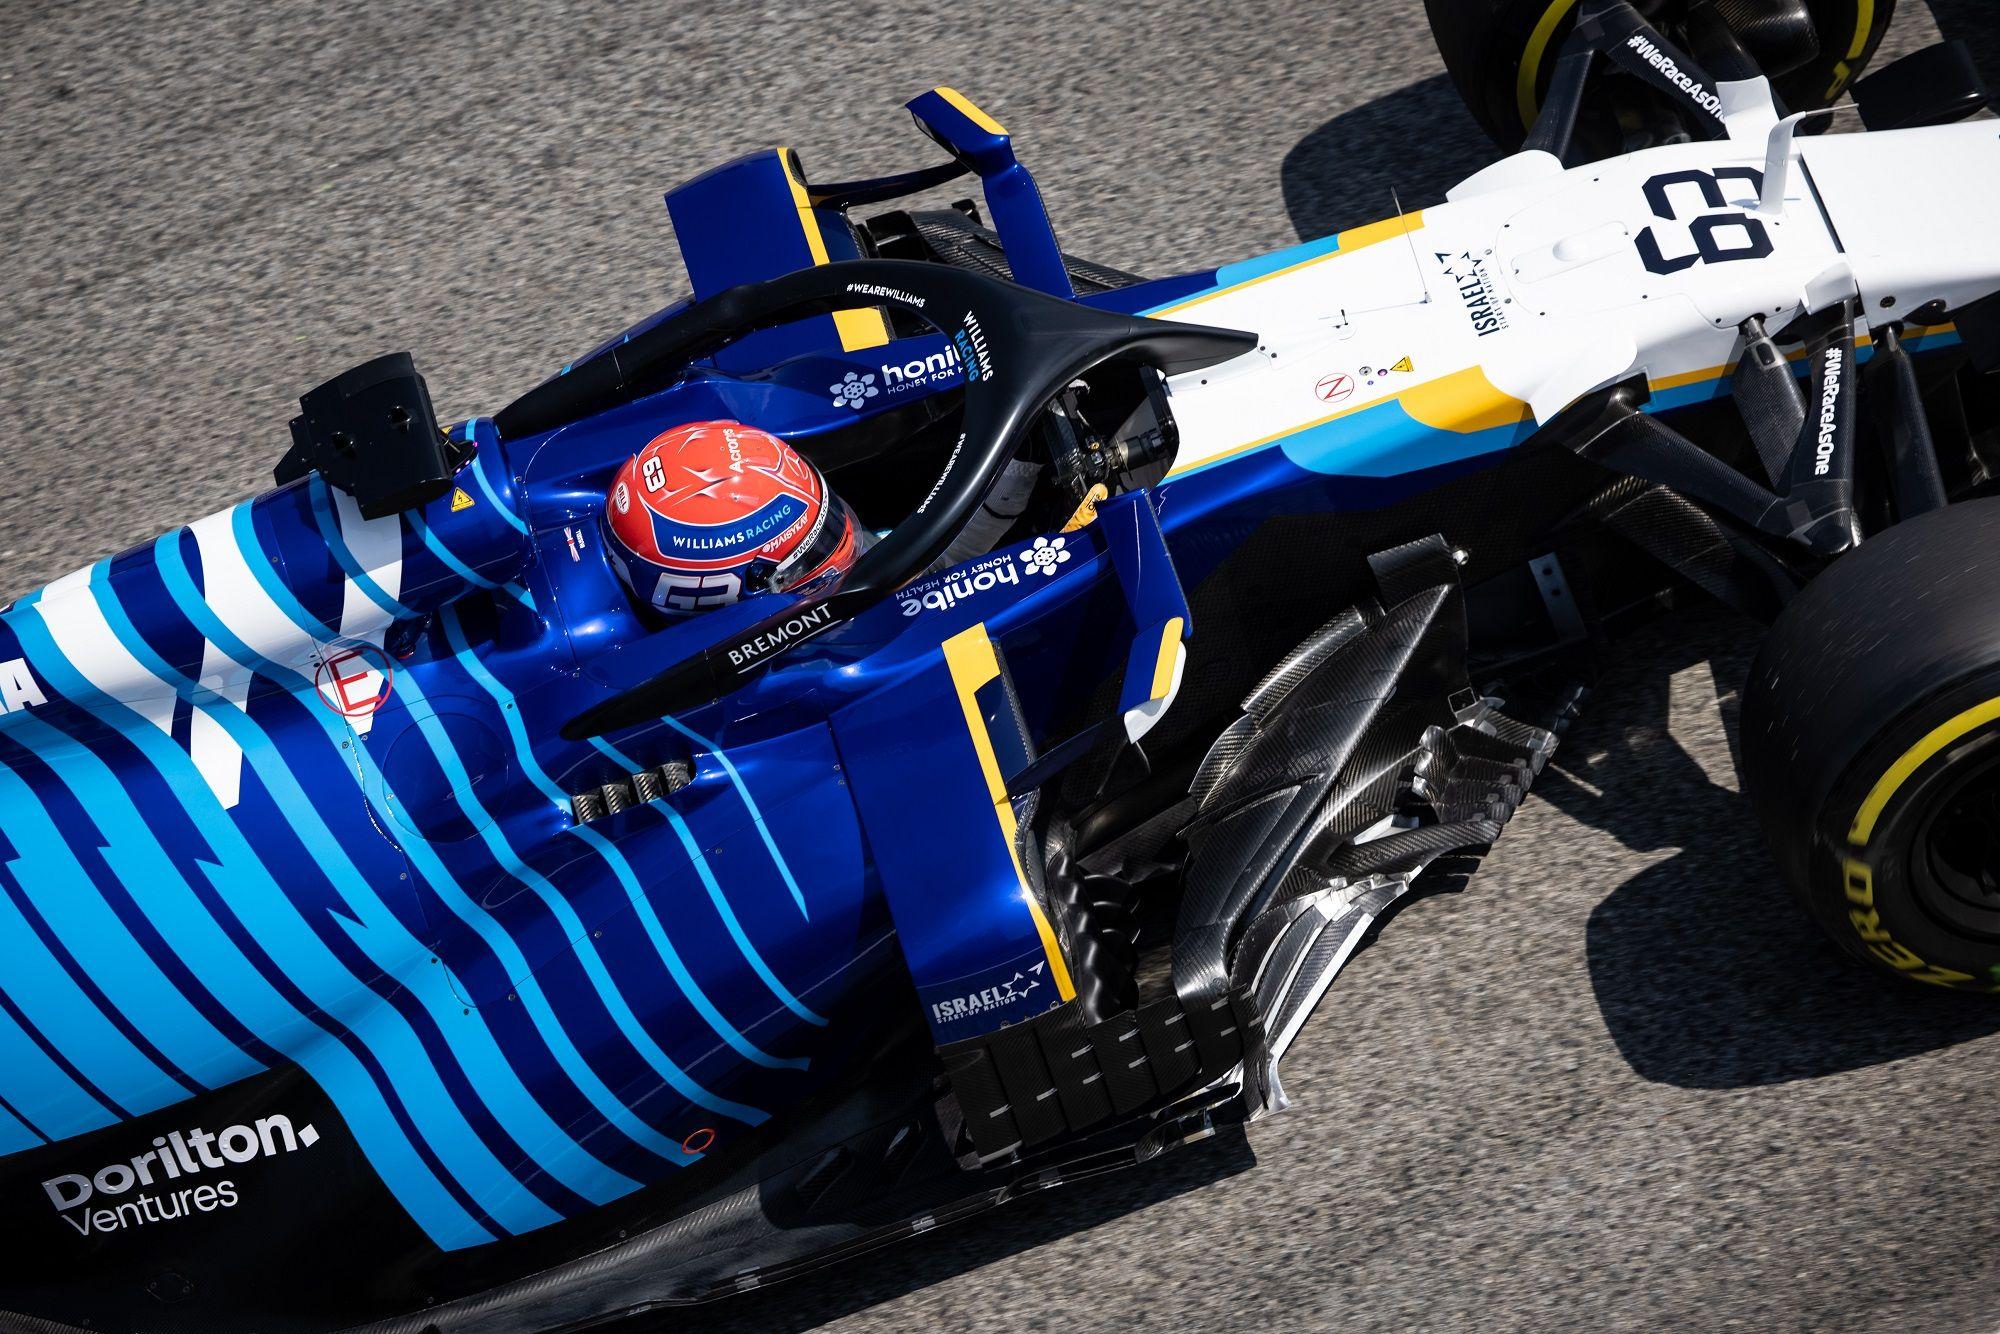 F1, Williams